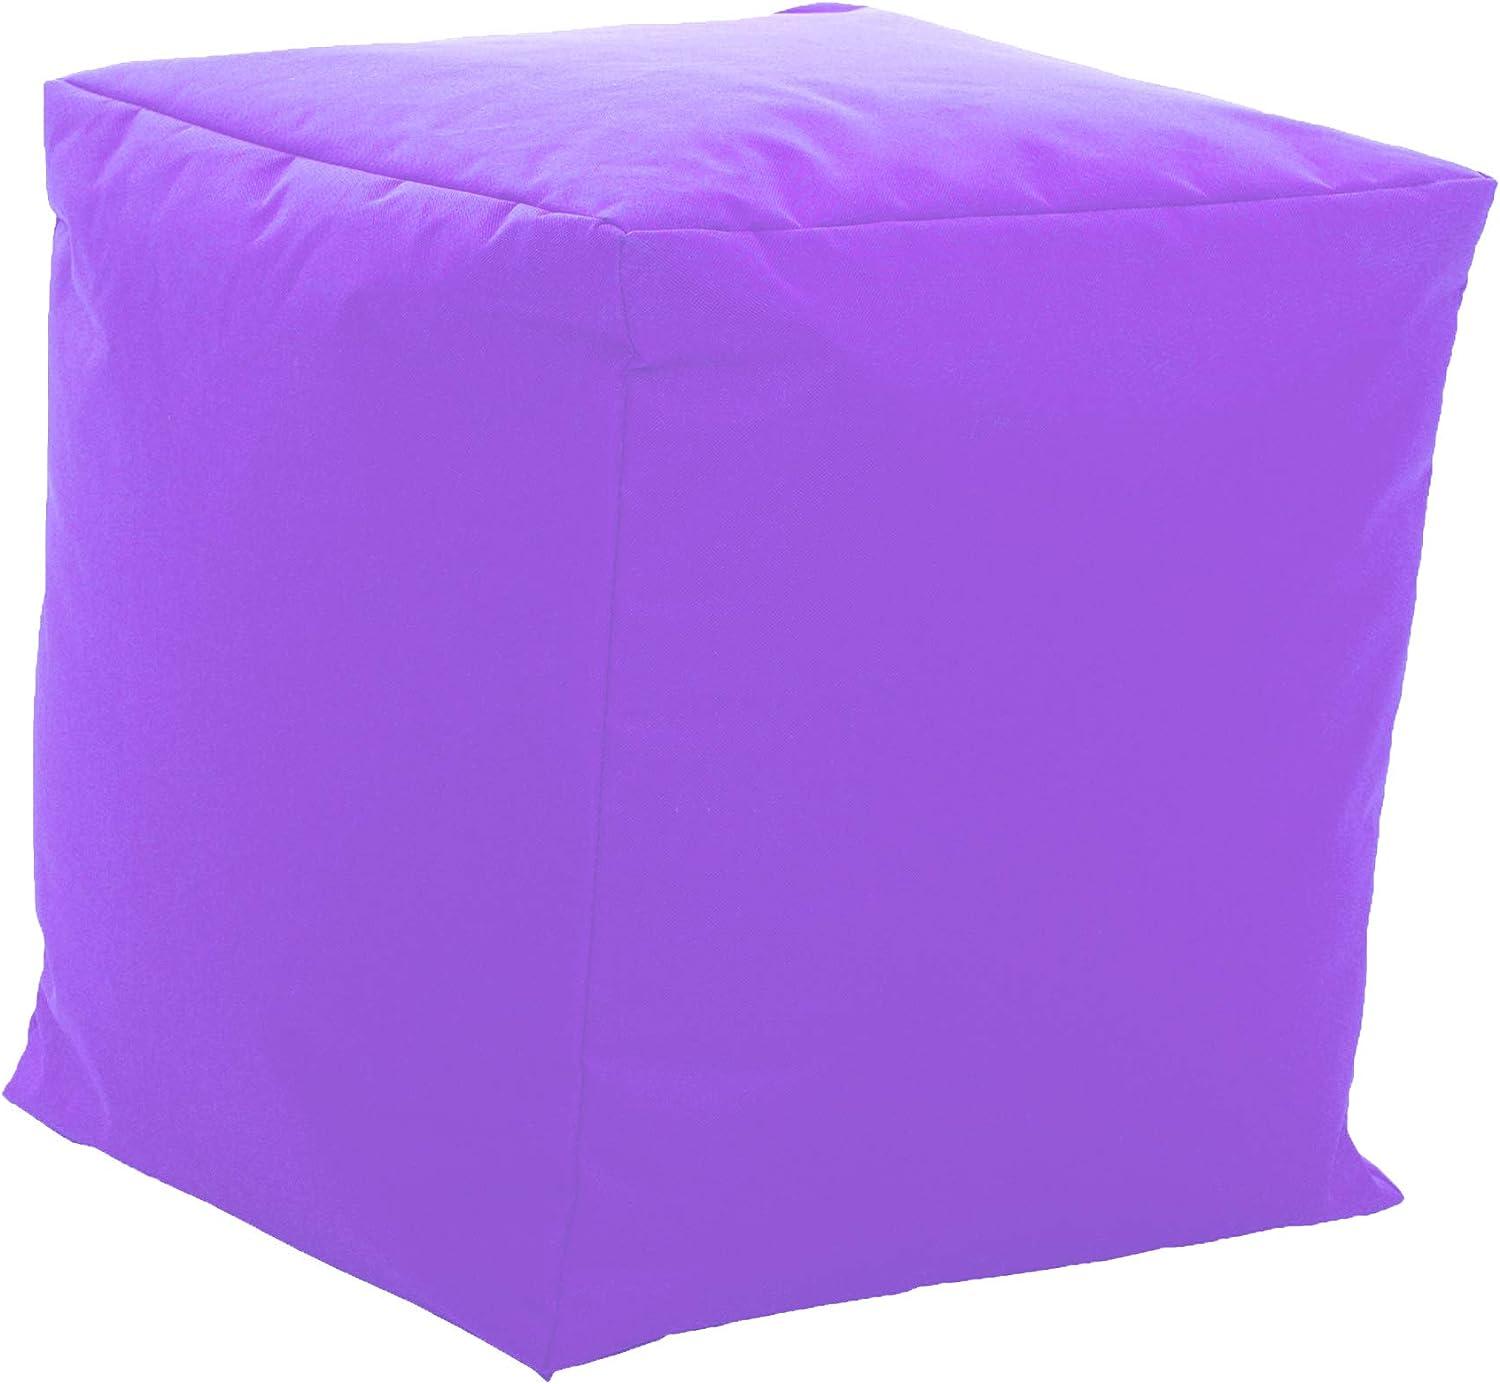 Indoor /& Outdoor auch ideal f/ür Kinderzimmer 42 x 42 x 42 cm, Pink Gaming Sessel Sitzkissen mit Styroporkugeln F/üllung GlueckBean Hochwertiger Sitzsack mit Seitentaschen